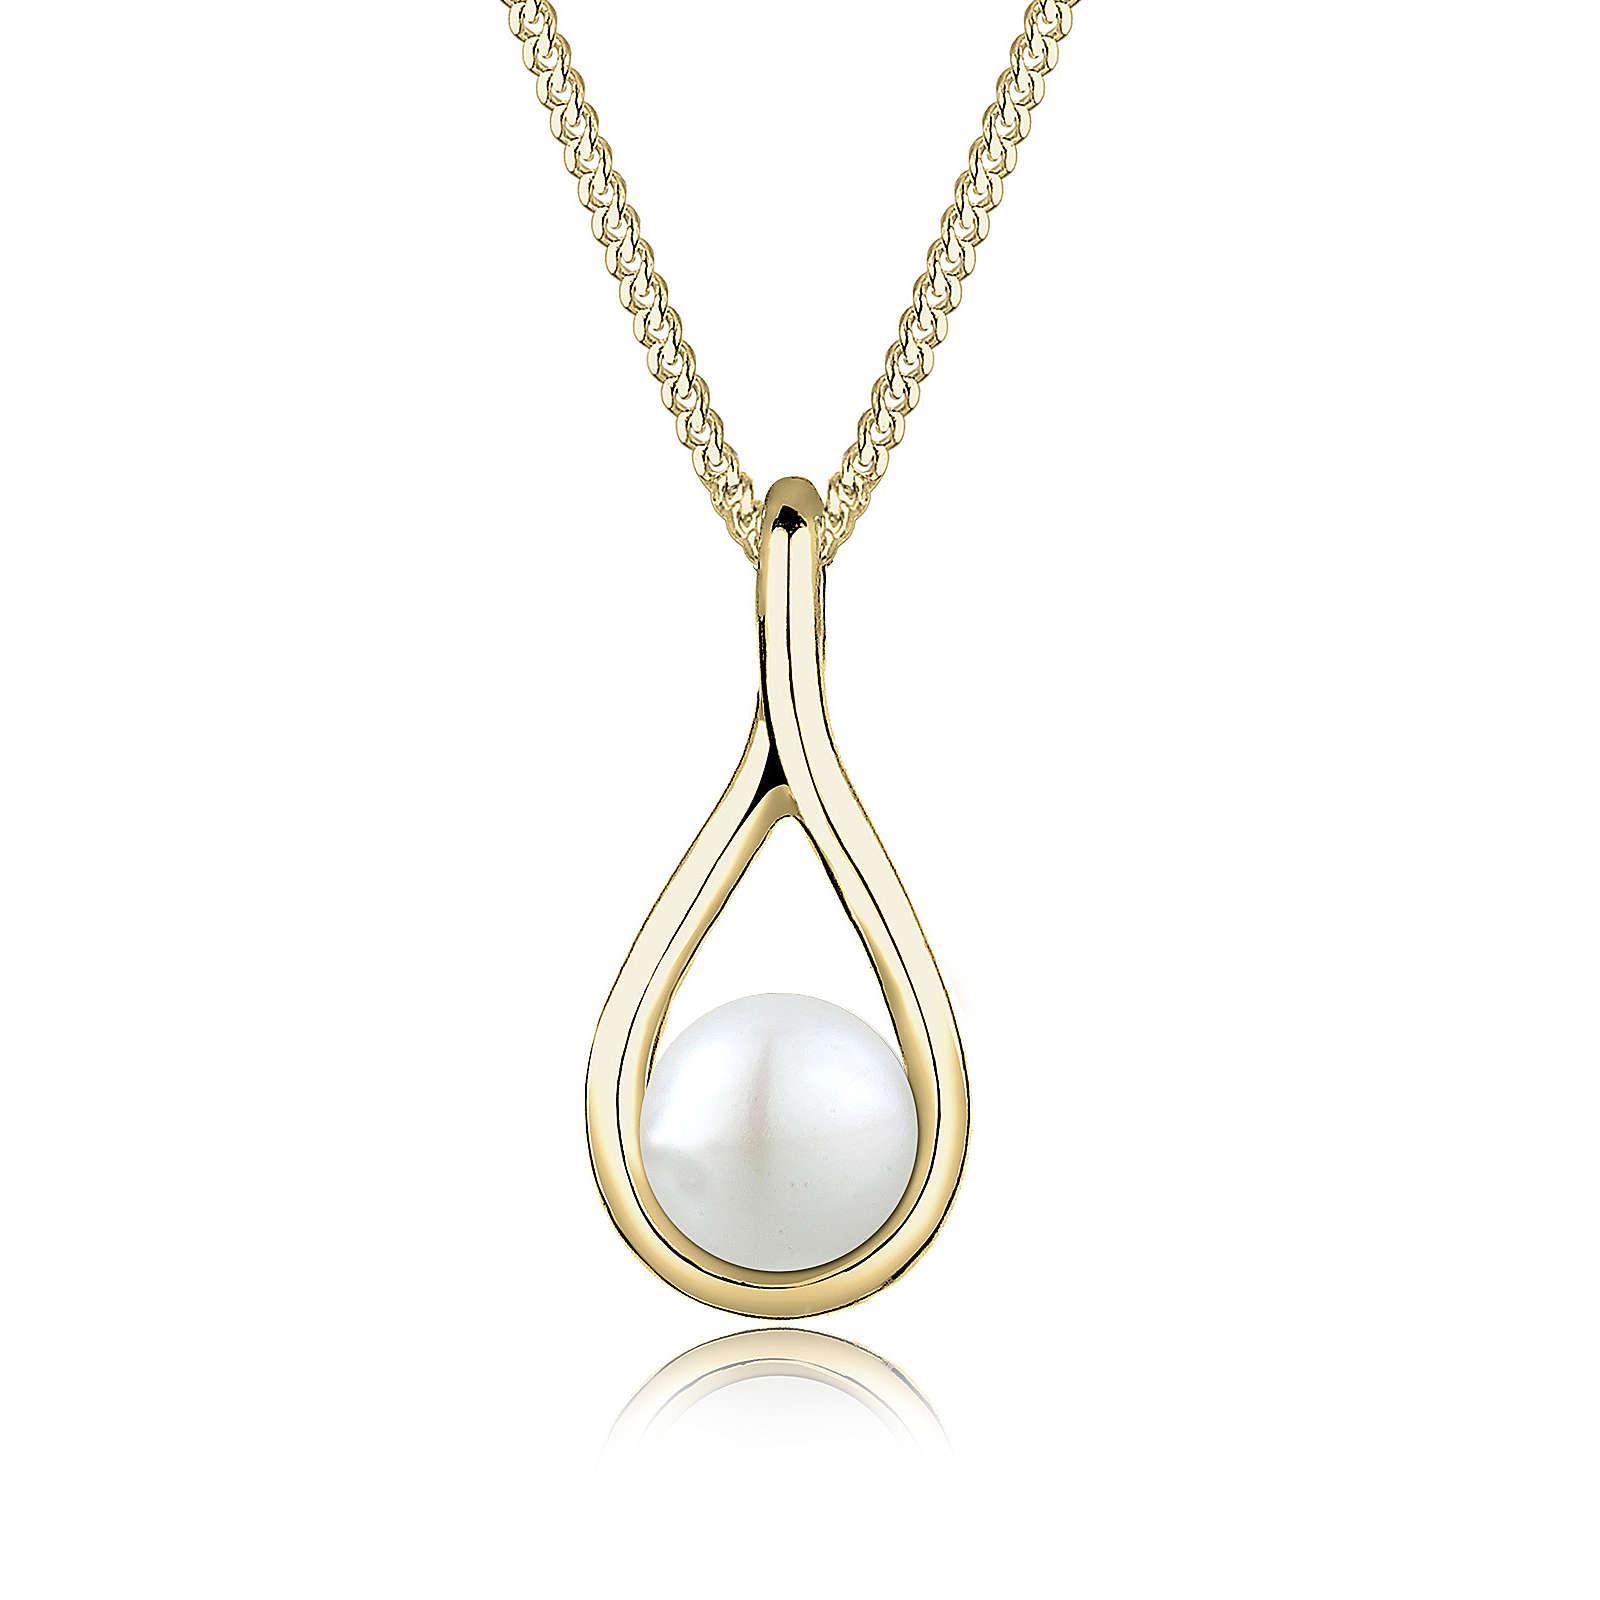 Elli PREMIUM Halskette Geschwungen Süßwasserperle 375 Gelbgold Halsketten gold Damen